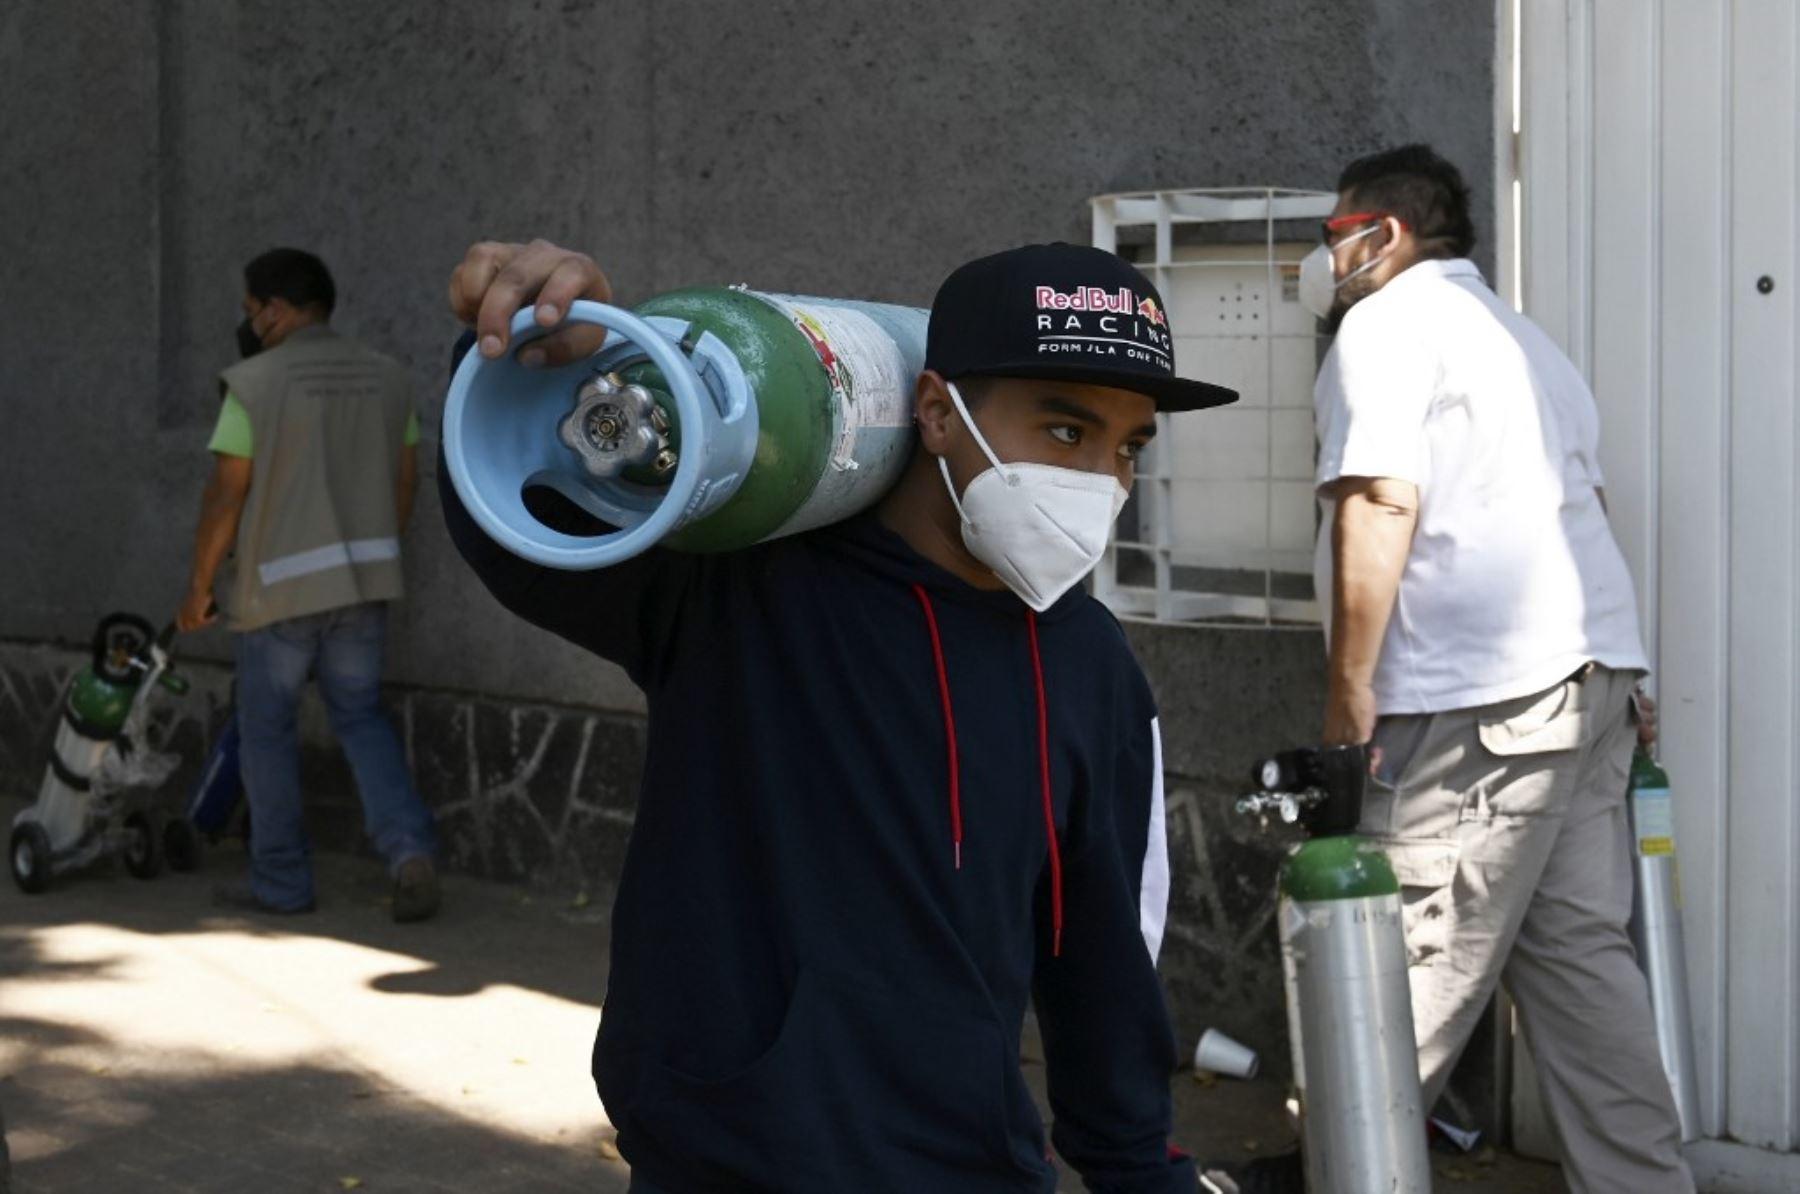 Un hombre lleva un tanque de oxígeno junto a una fila de personas que hacen cola para rellenar el suyo en la Compañía Infra Médica en la Ciudad de México. Foto: AFP